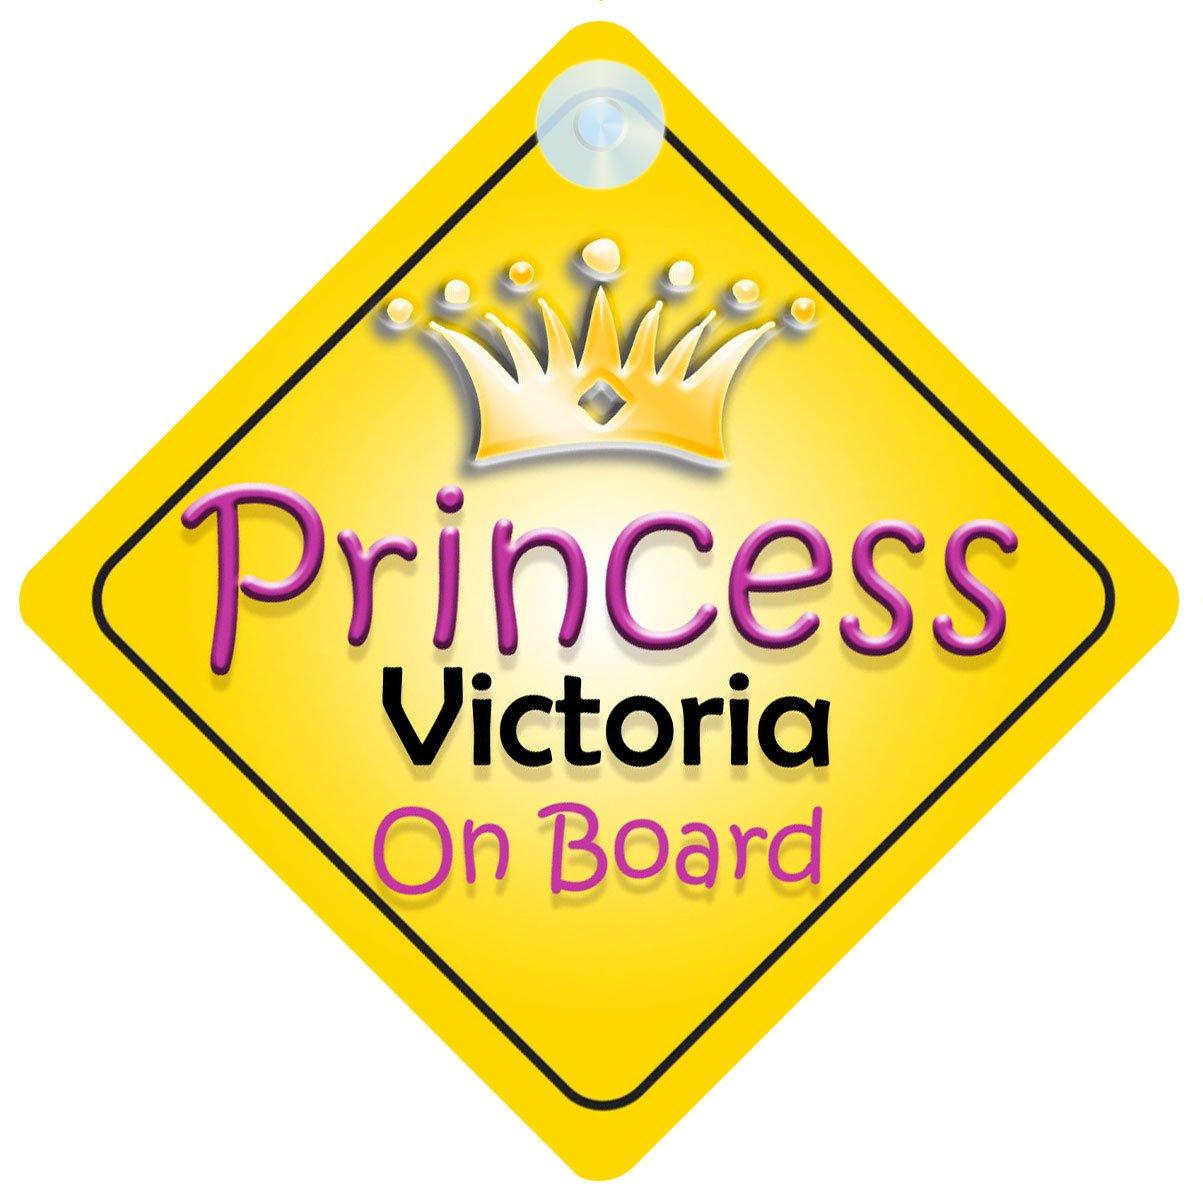 Princesse Victoria on Board Panneau Voiture Fille/Enfant Cadeau Bé bé /Cadeau 002 mybabyonboard UK